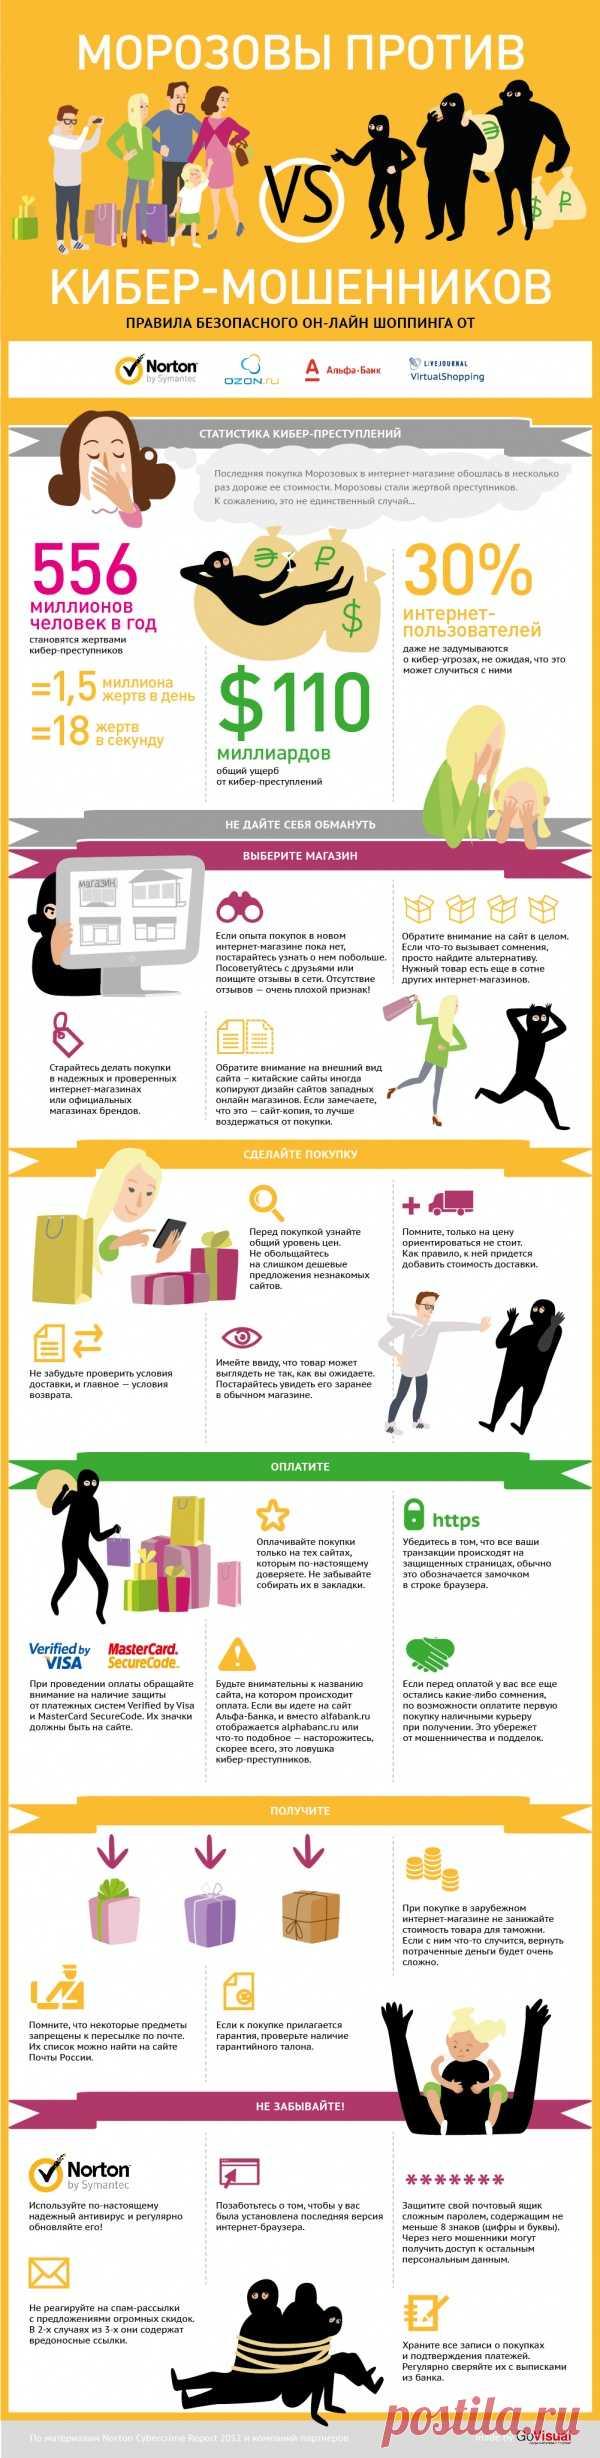 Правила безопасности покупок в интернете